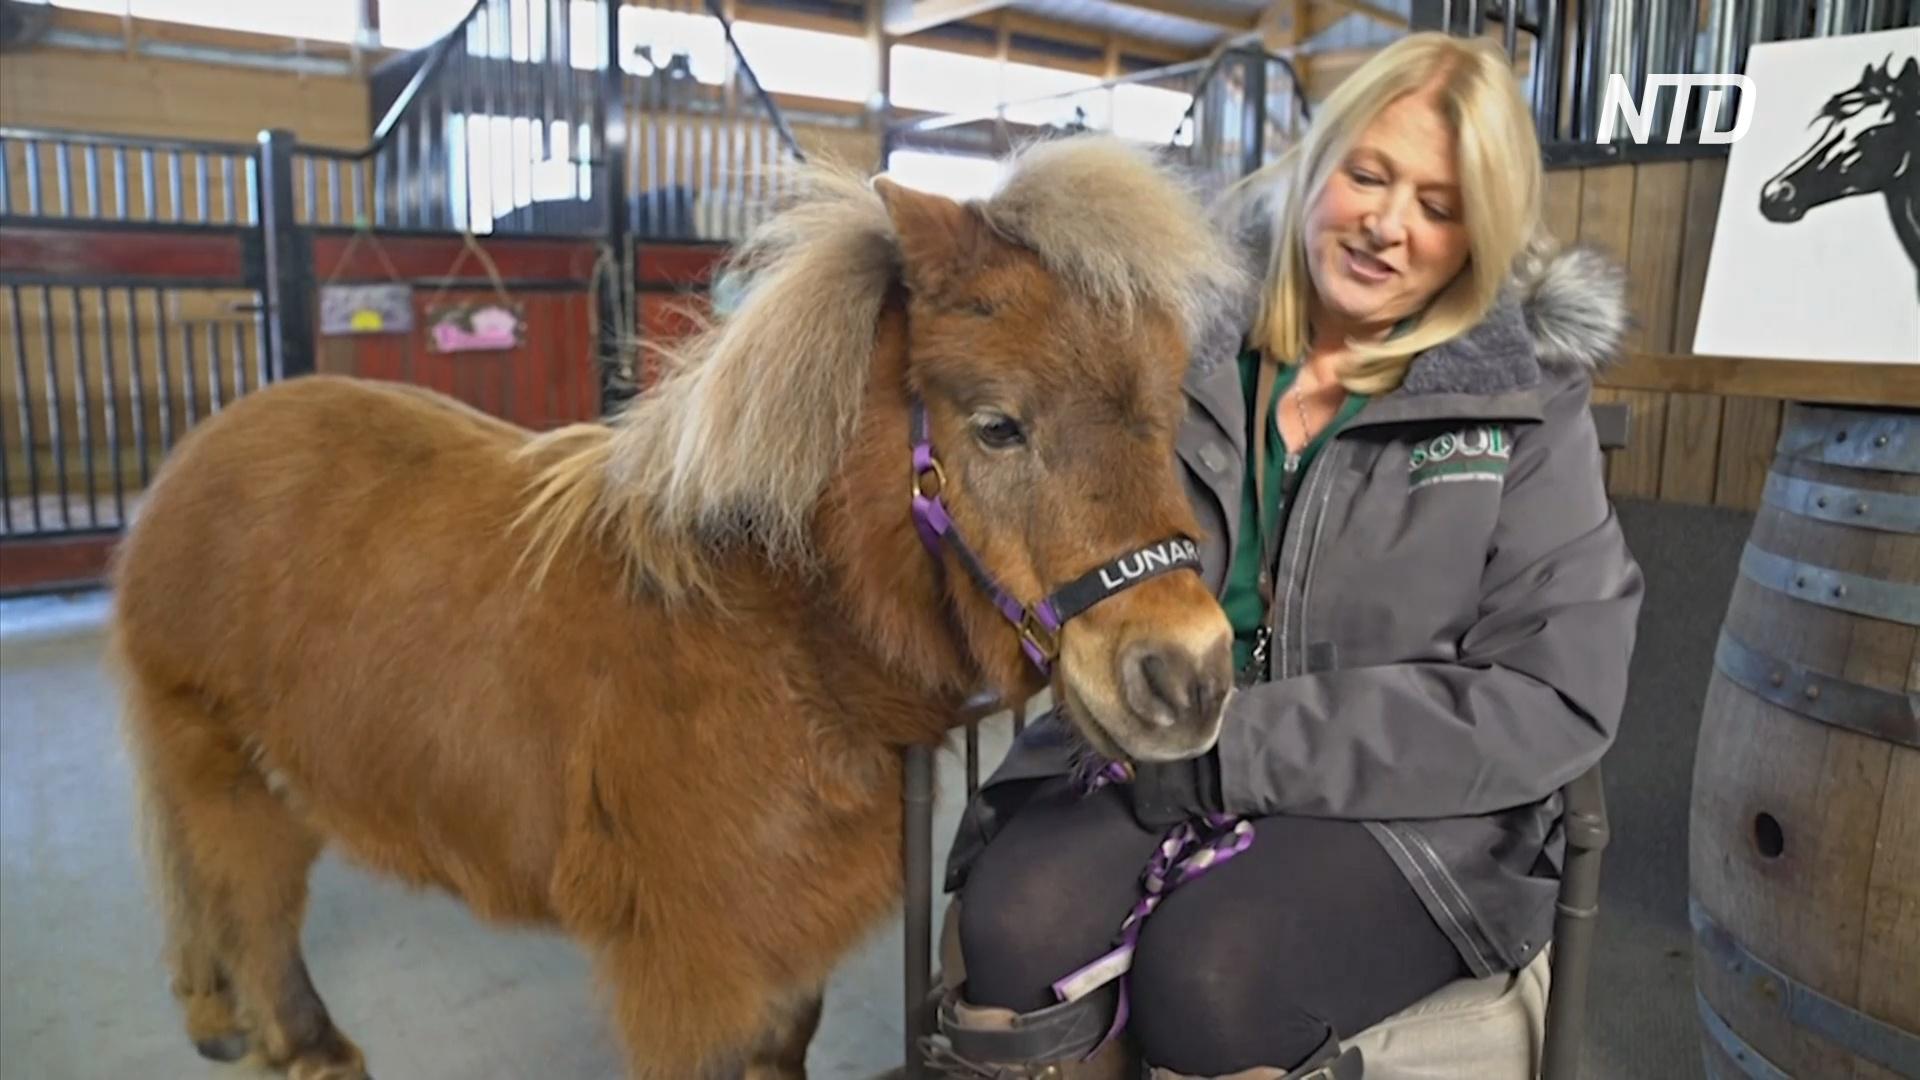 В США миниатюрные лошади-терапевты во время пандемии перешли на «удалёнку»